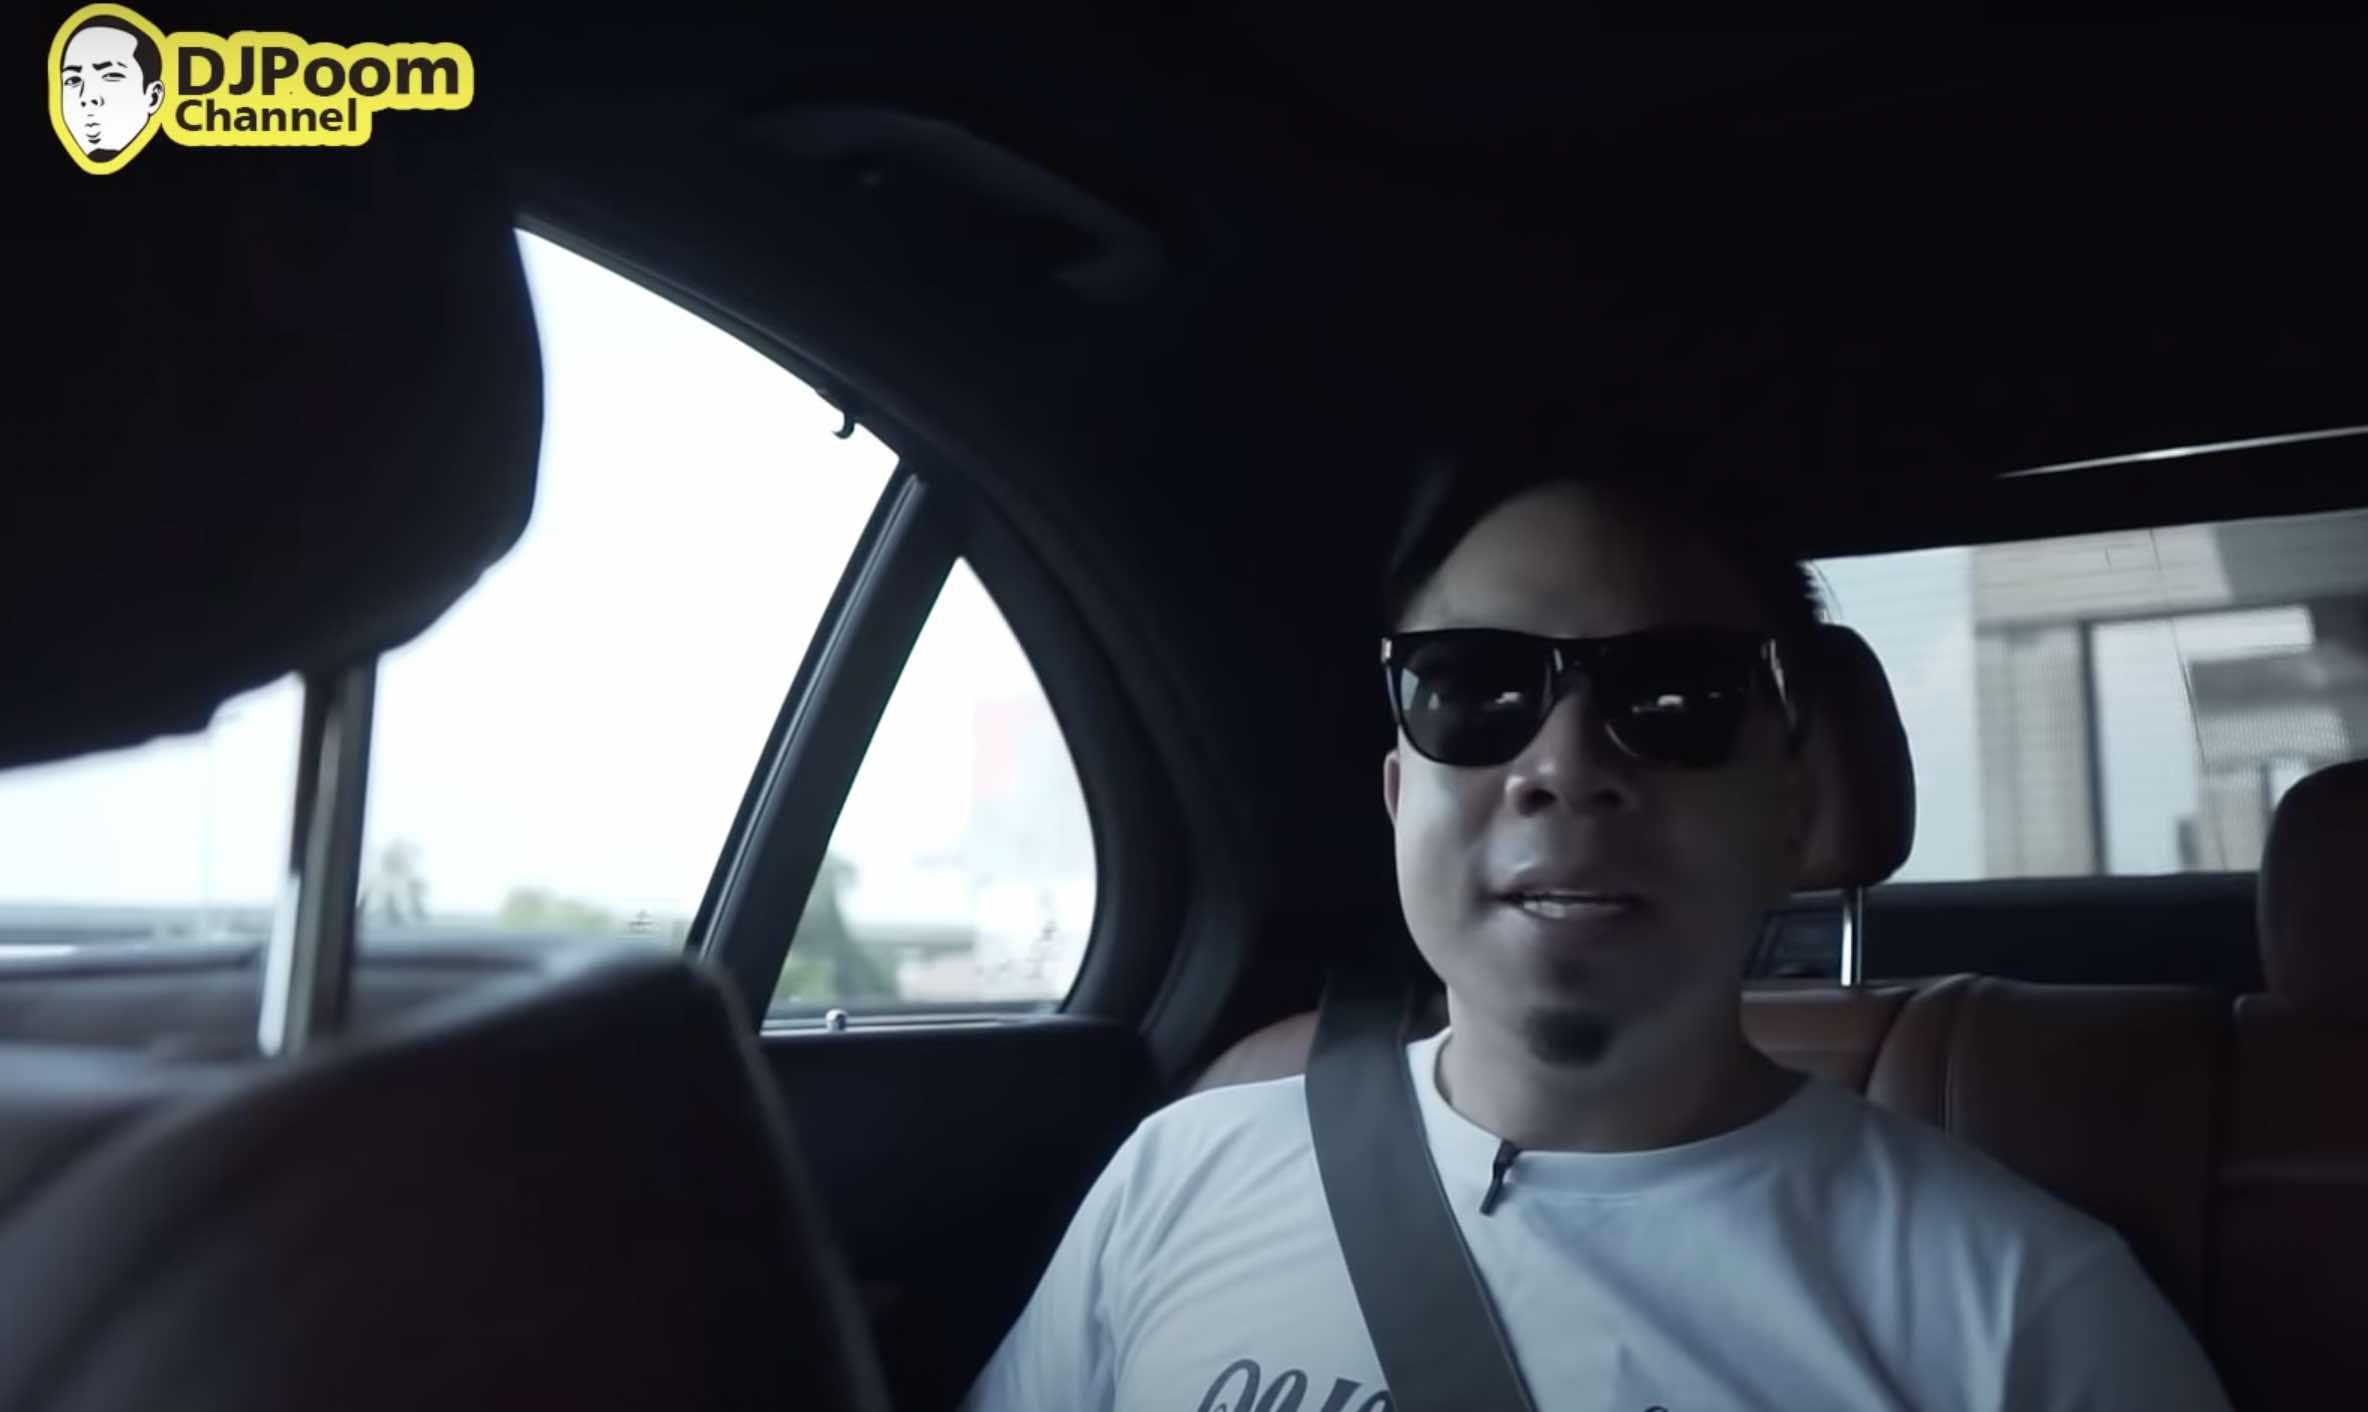 DJ Poom ตอน คนขับรถเมล์ กับชีวิตไฮโซ 1 วัน